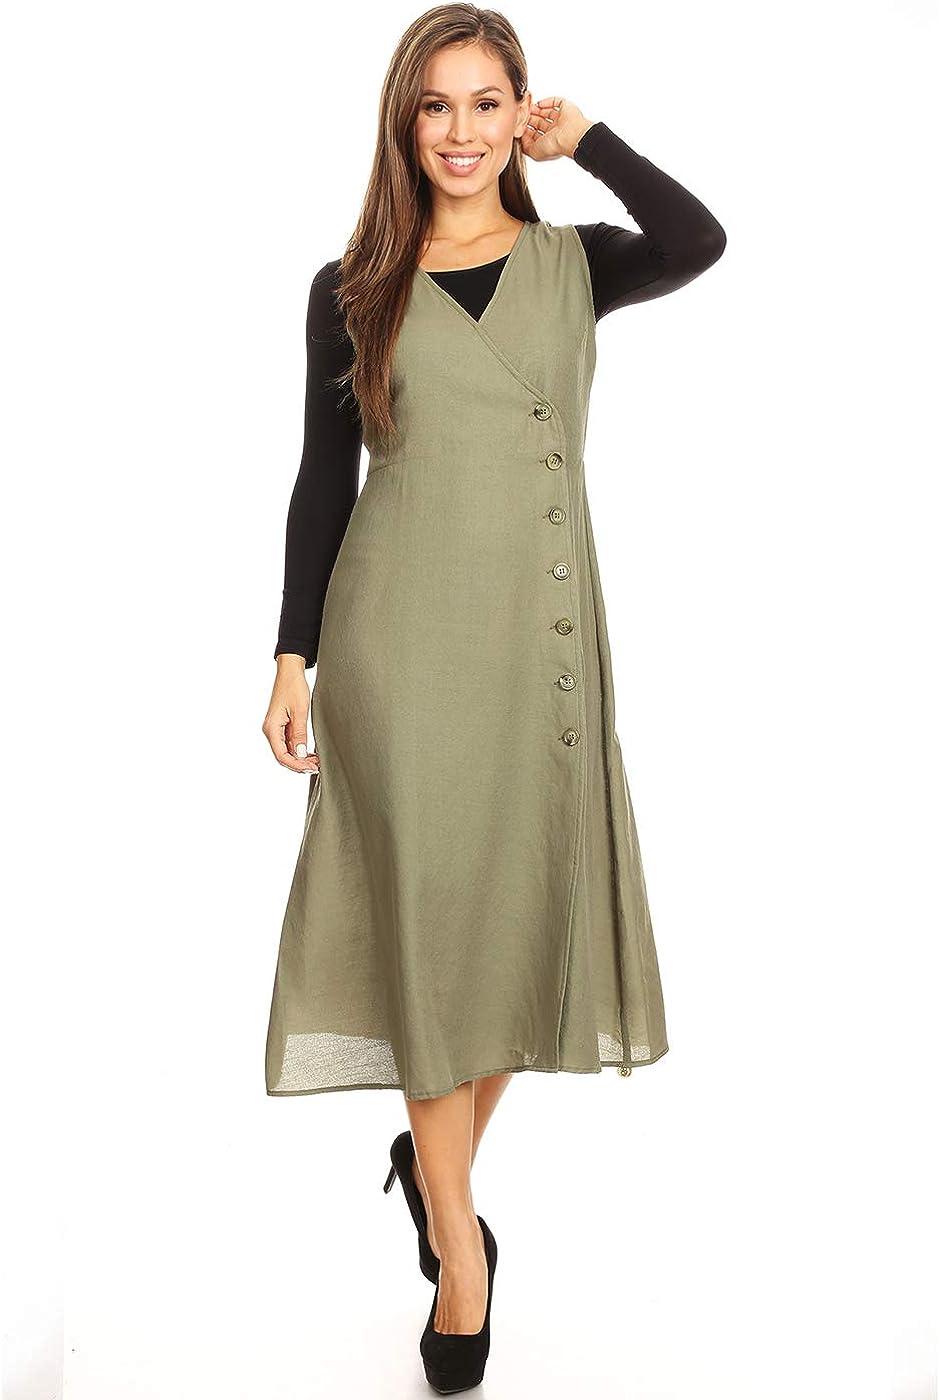 Anna-Kaci Casual Sleeveless V Neck Side Button Up Split Flowy Wrap Dress